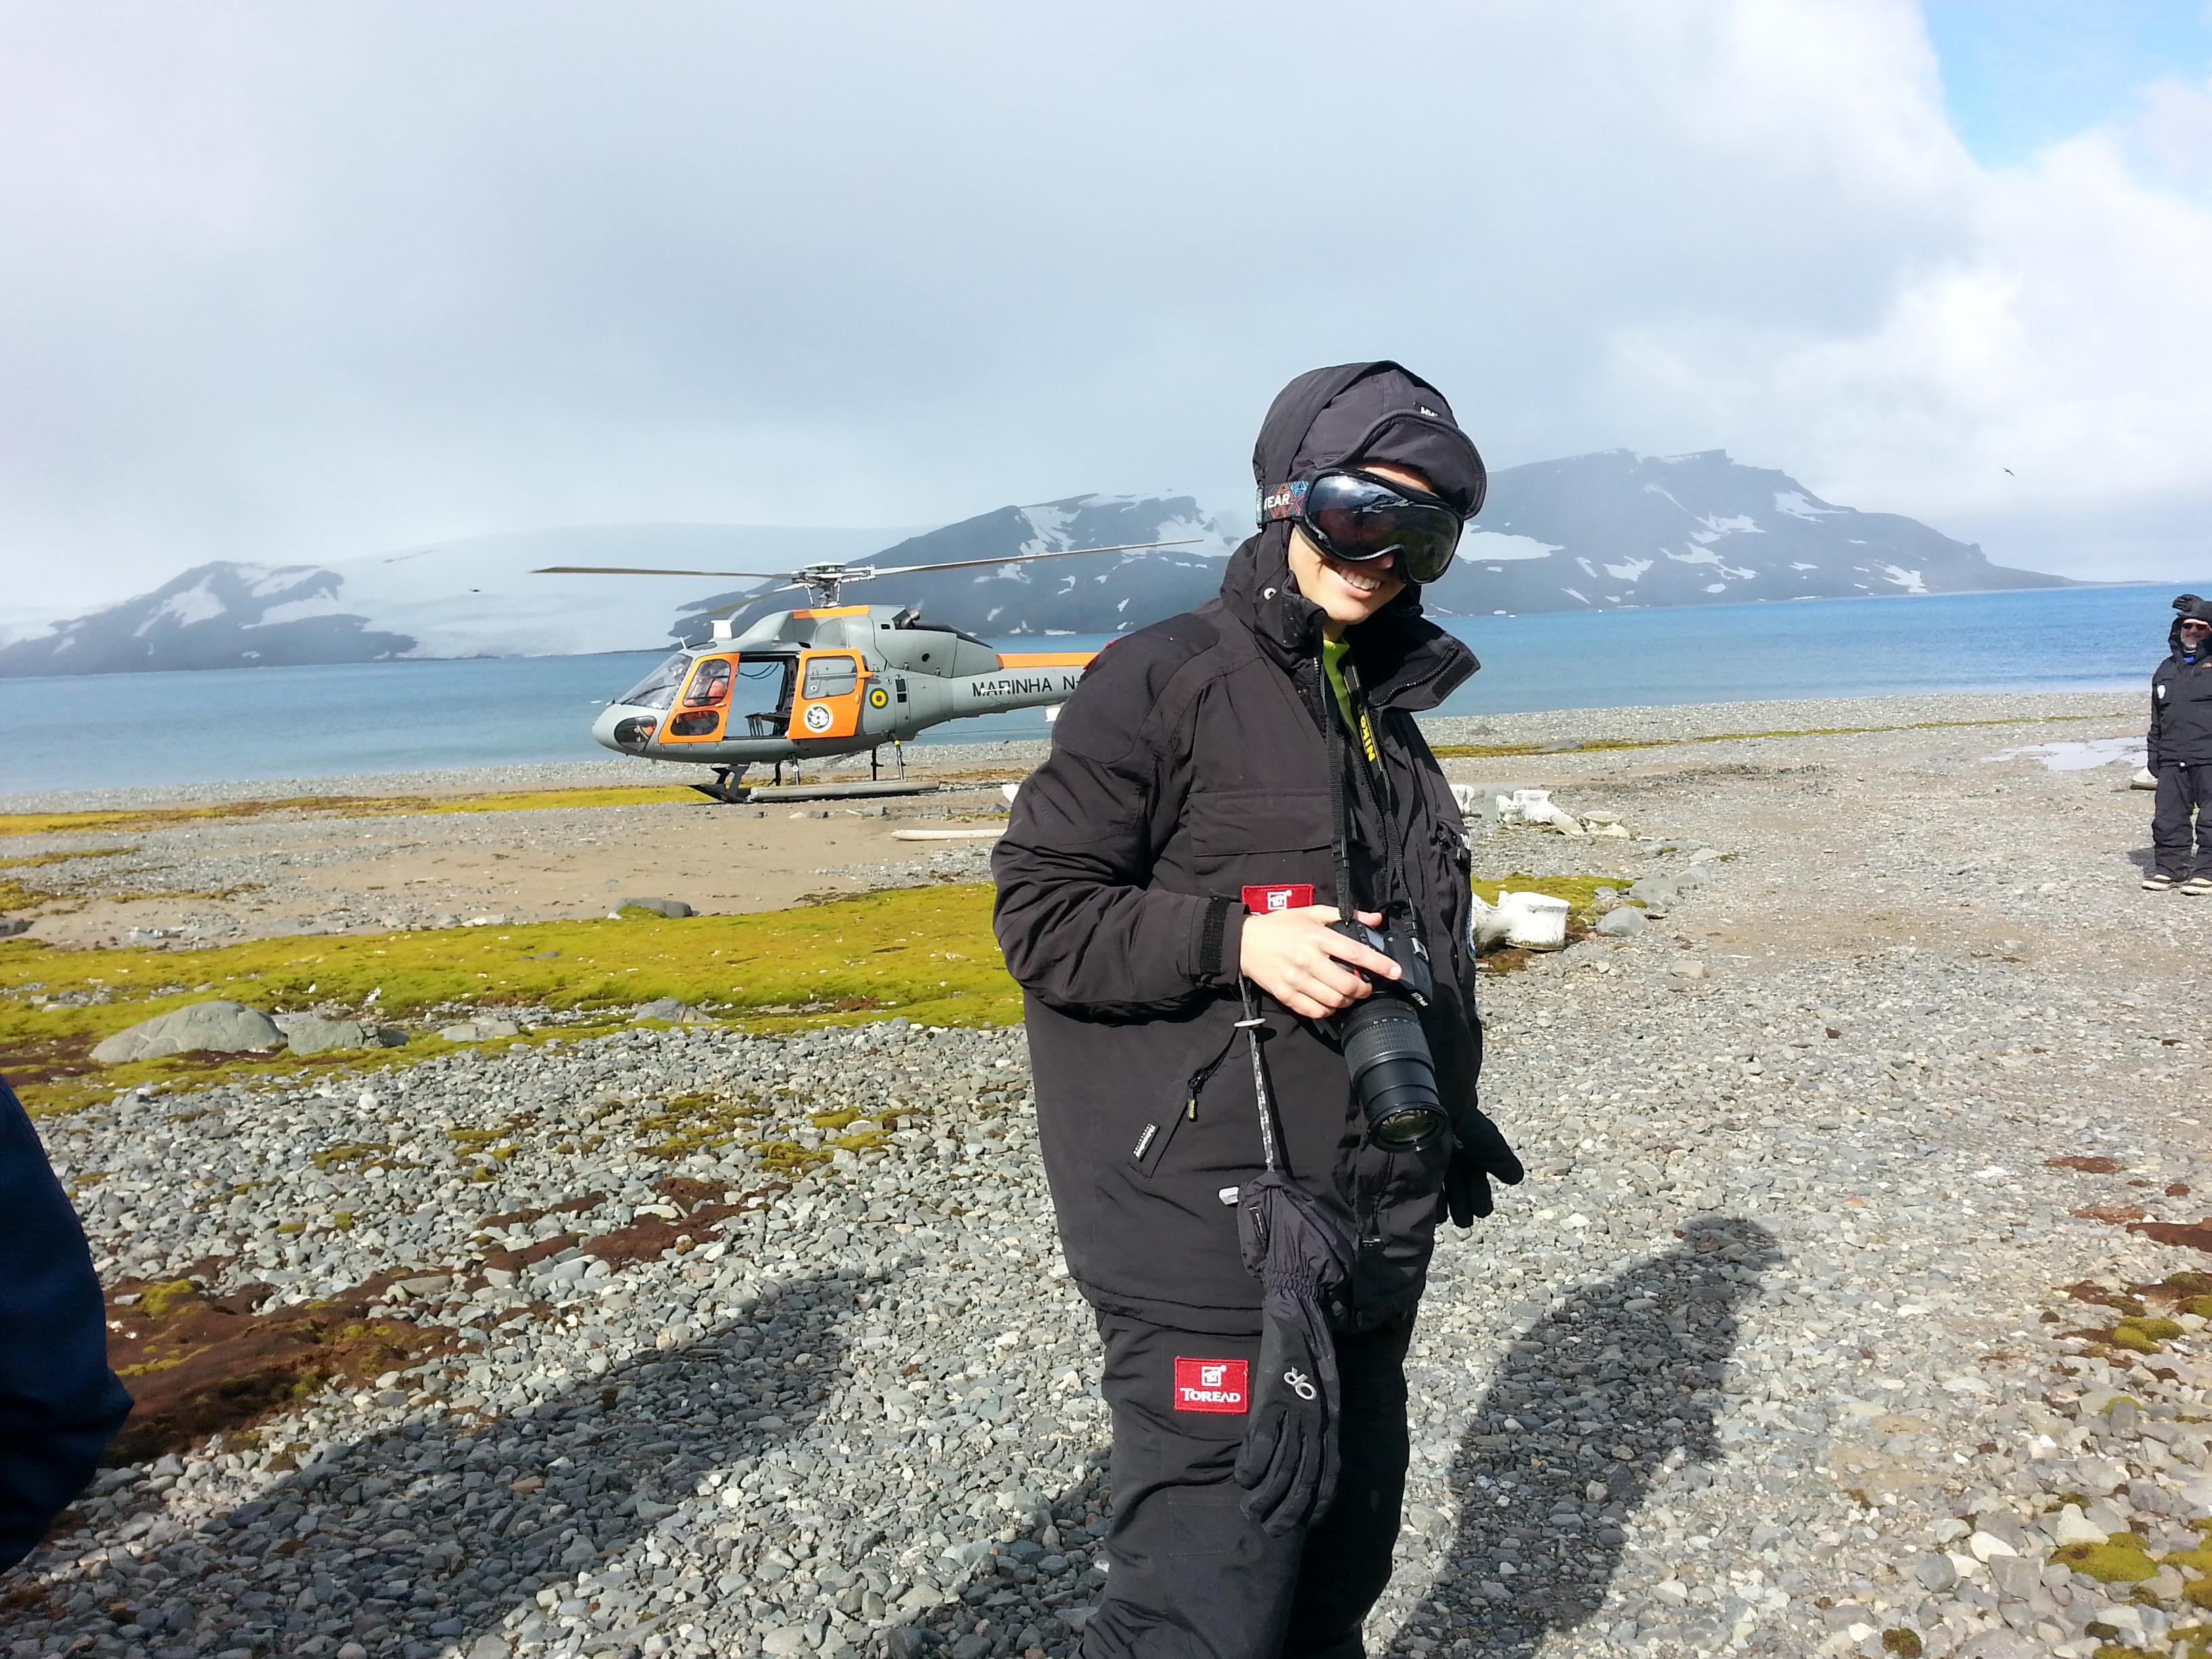 Eu, curtindo a espera para realizar um surpreendente sobrevoo antártico. Foto Dionei Santos.